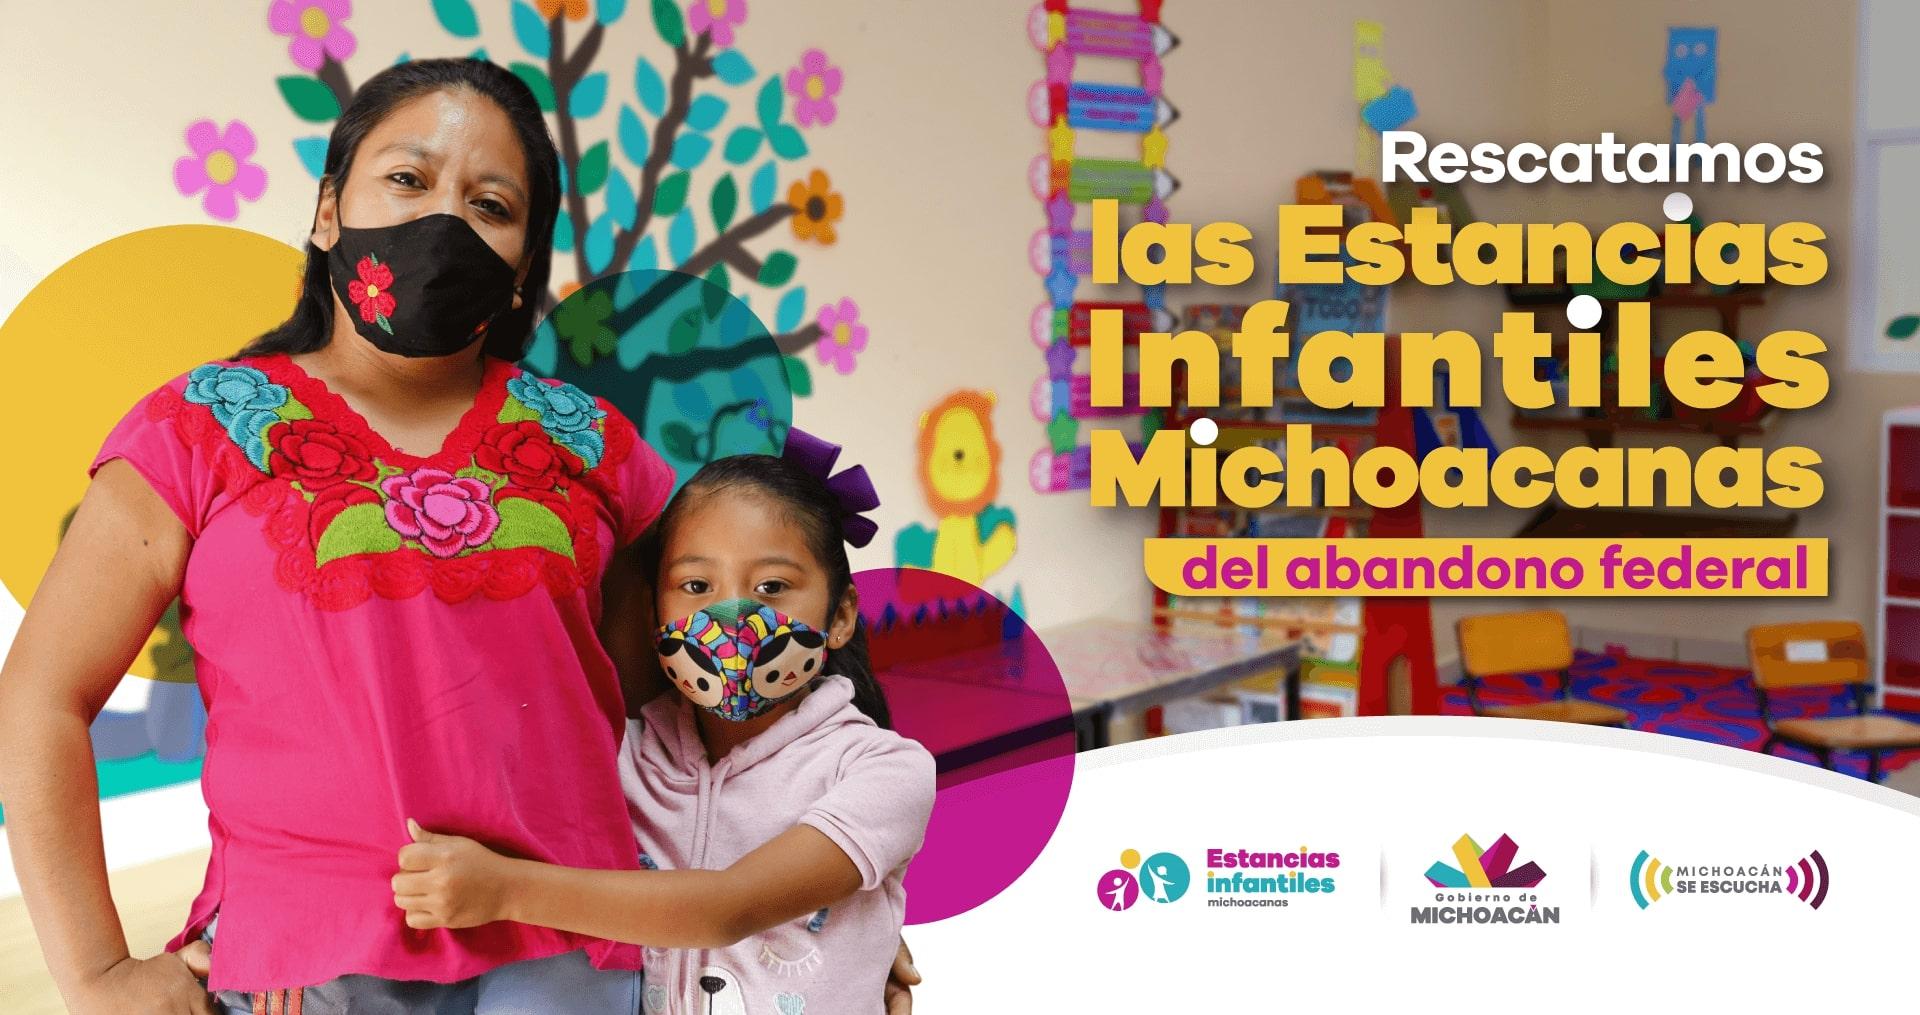 estancias michoacan